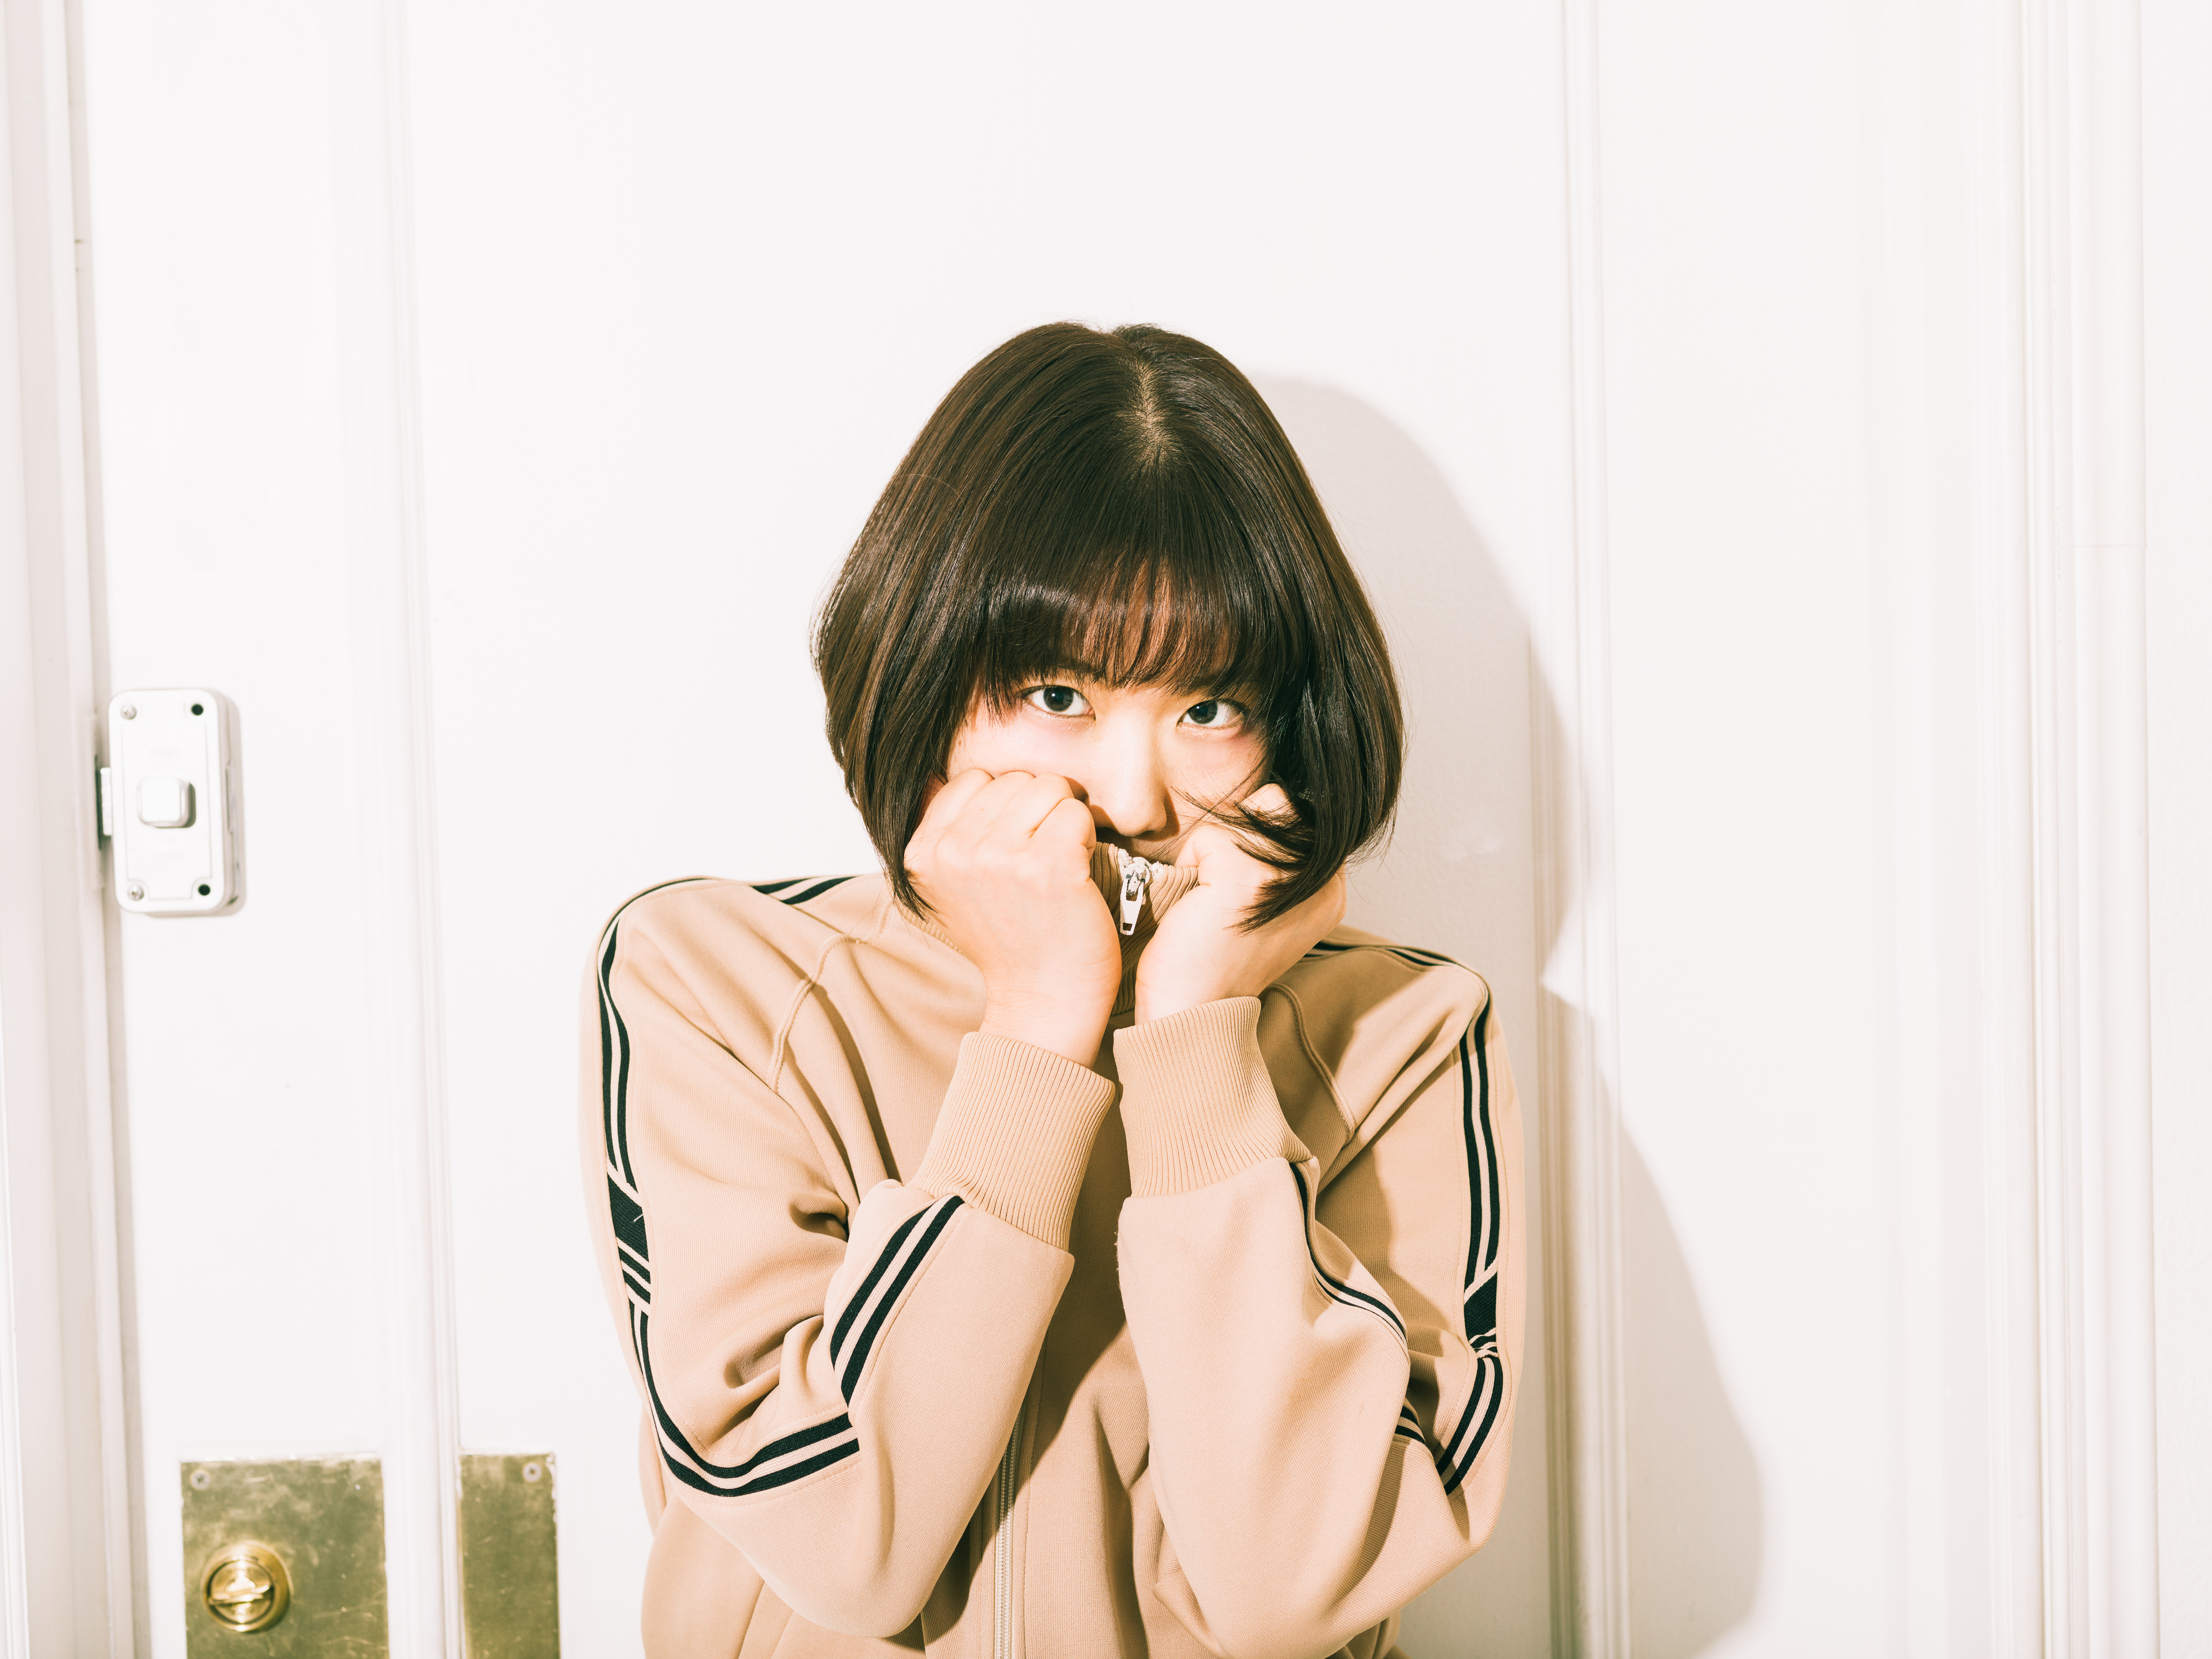 29 大石理乃 photo4